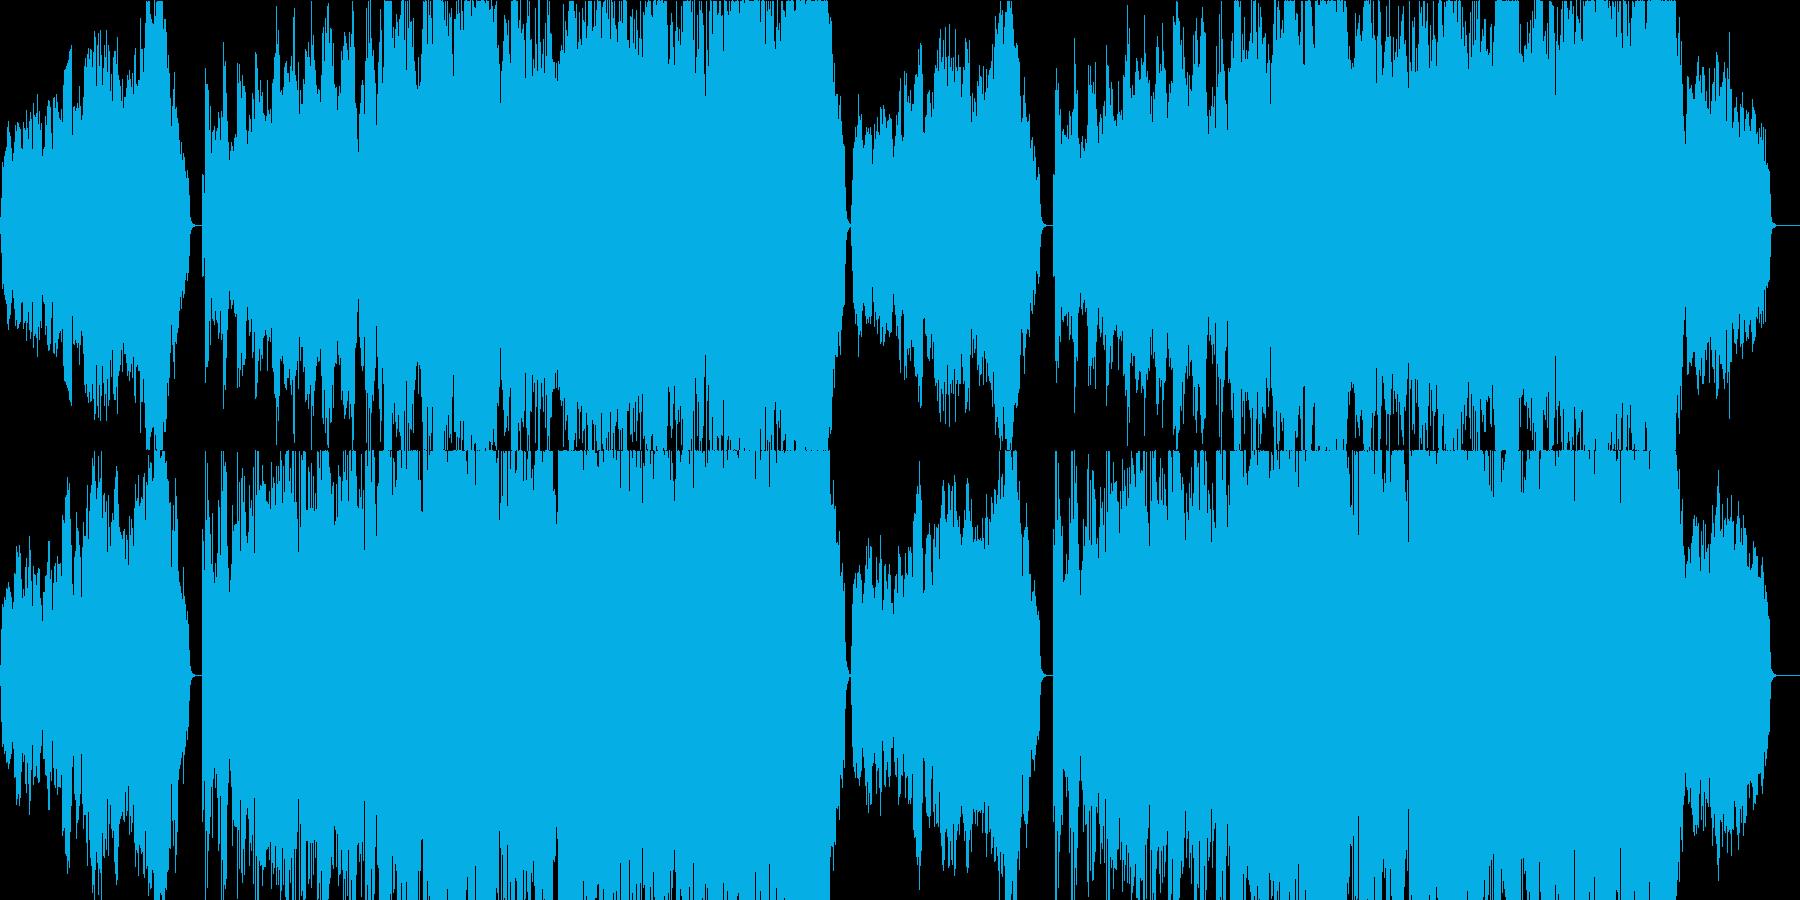 企業VP1 24bit44kHzVerの再生済みの波形